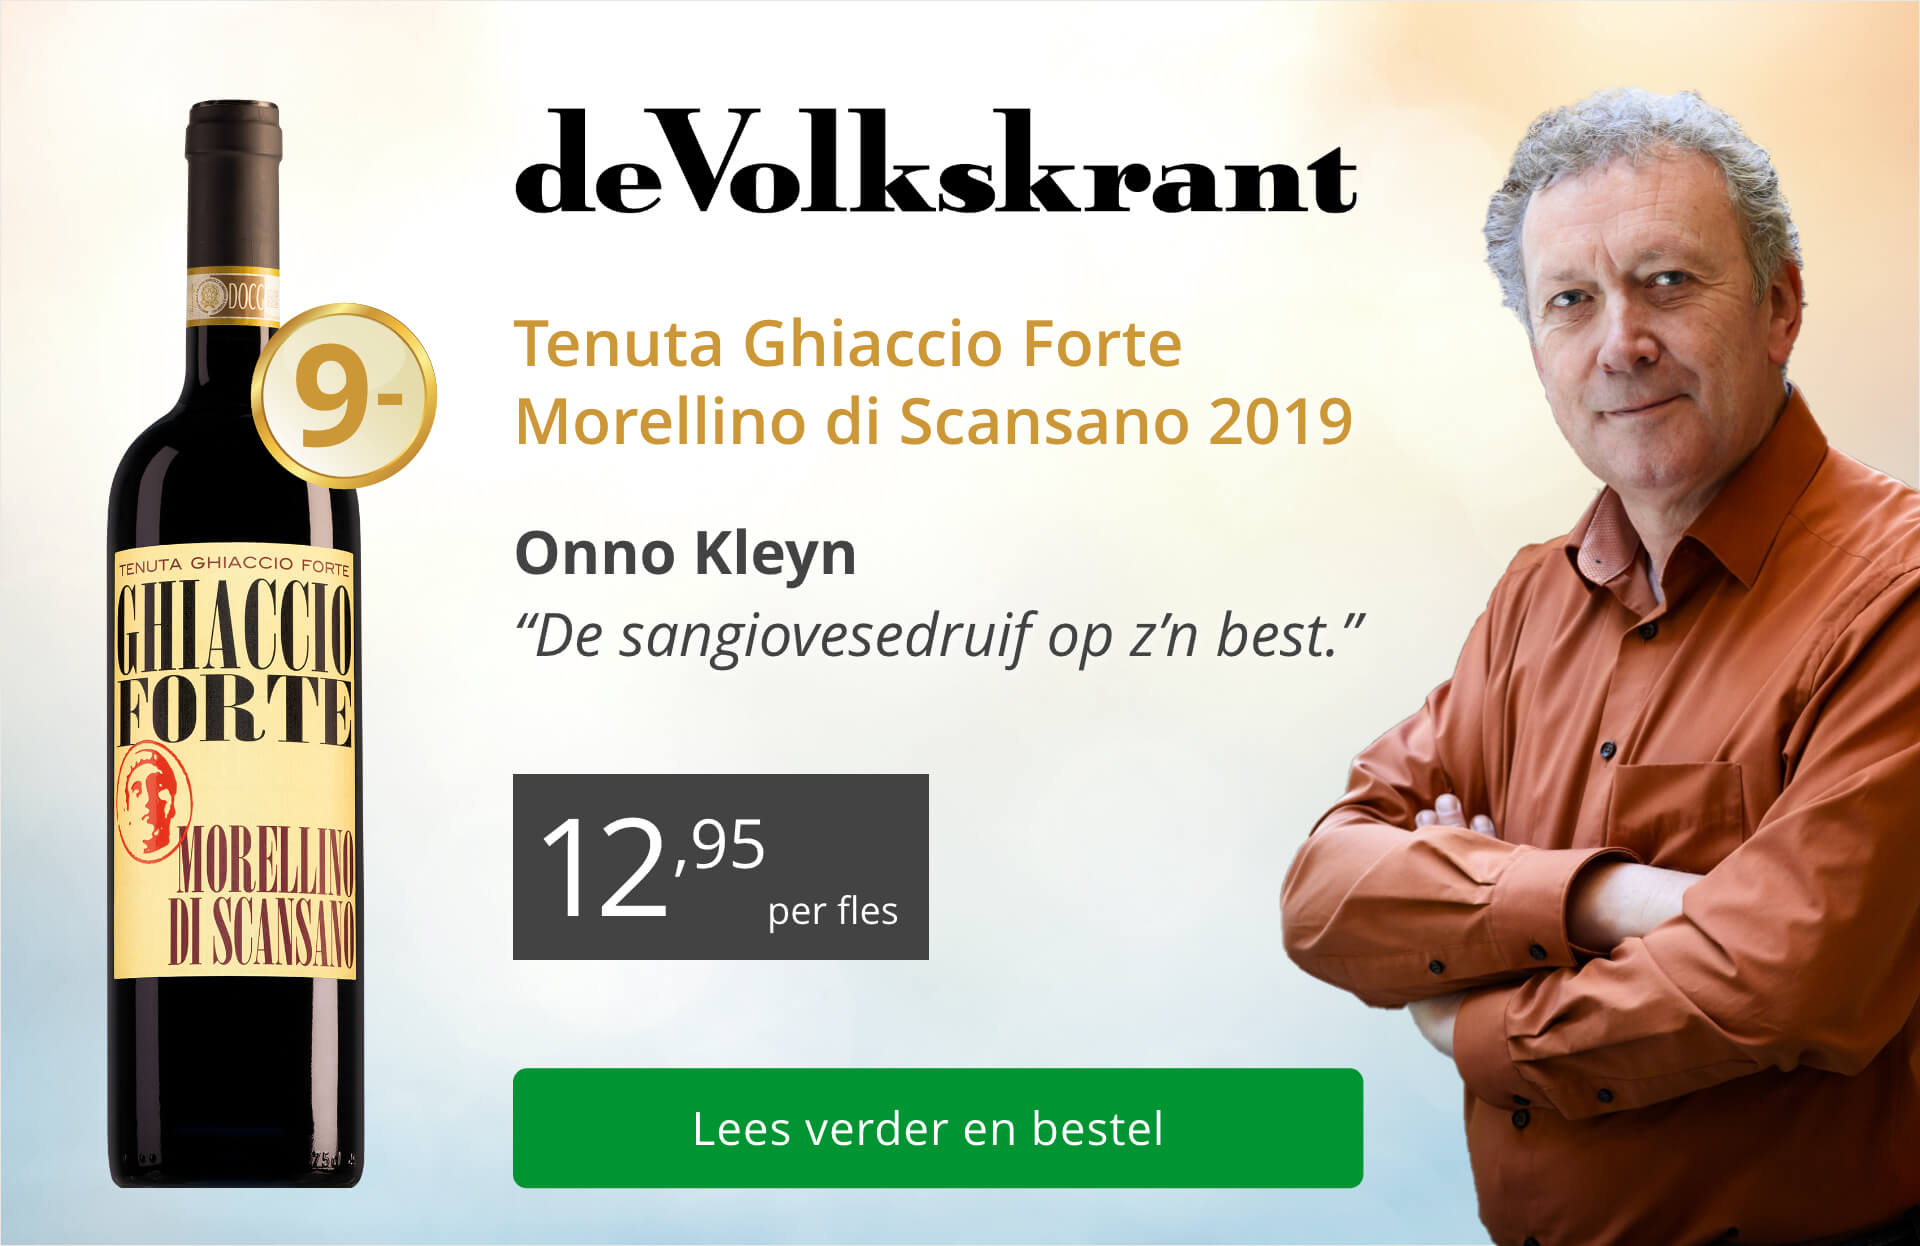 de Volkskrant - Tenuta Ghiaccio Forte Morellino di Scansano